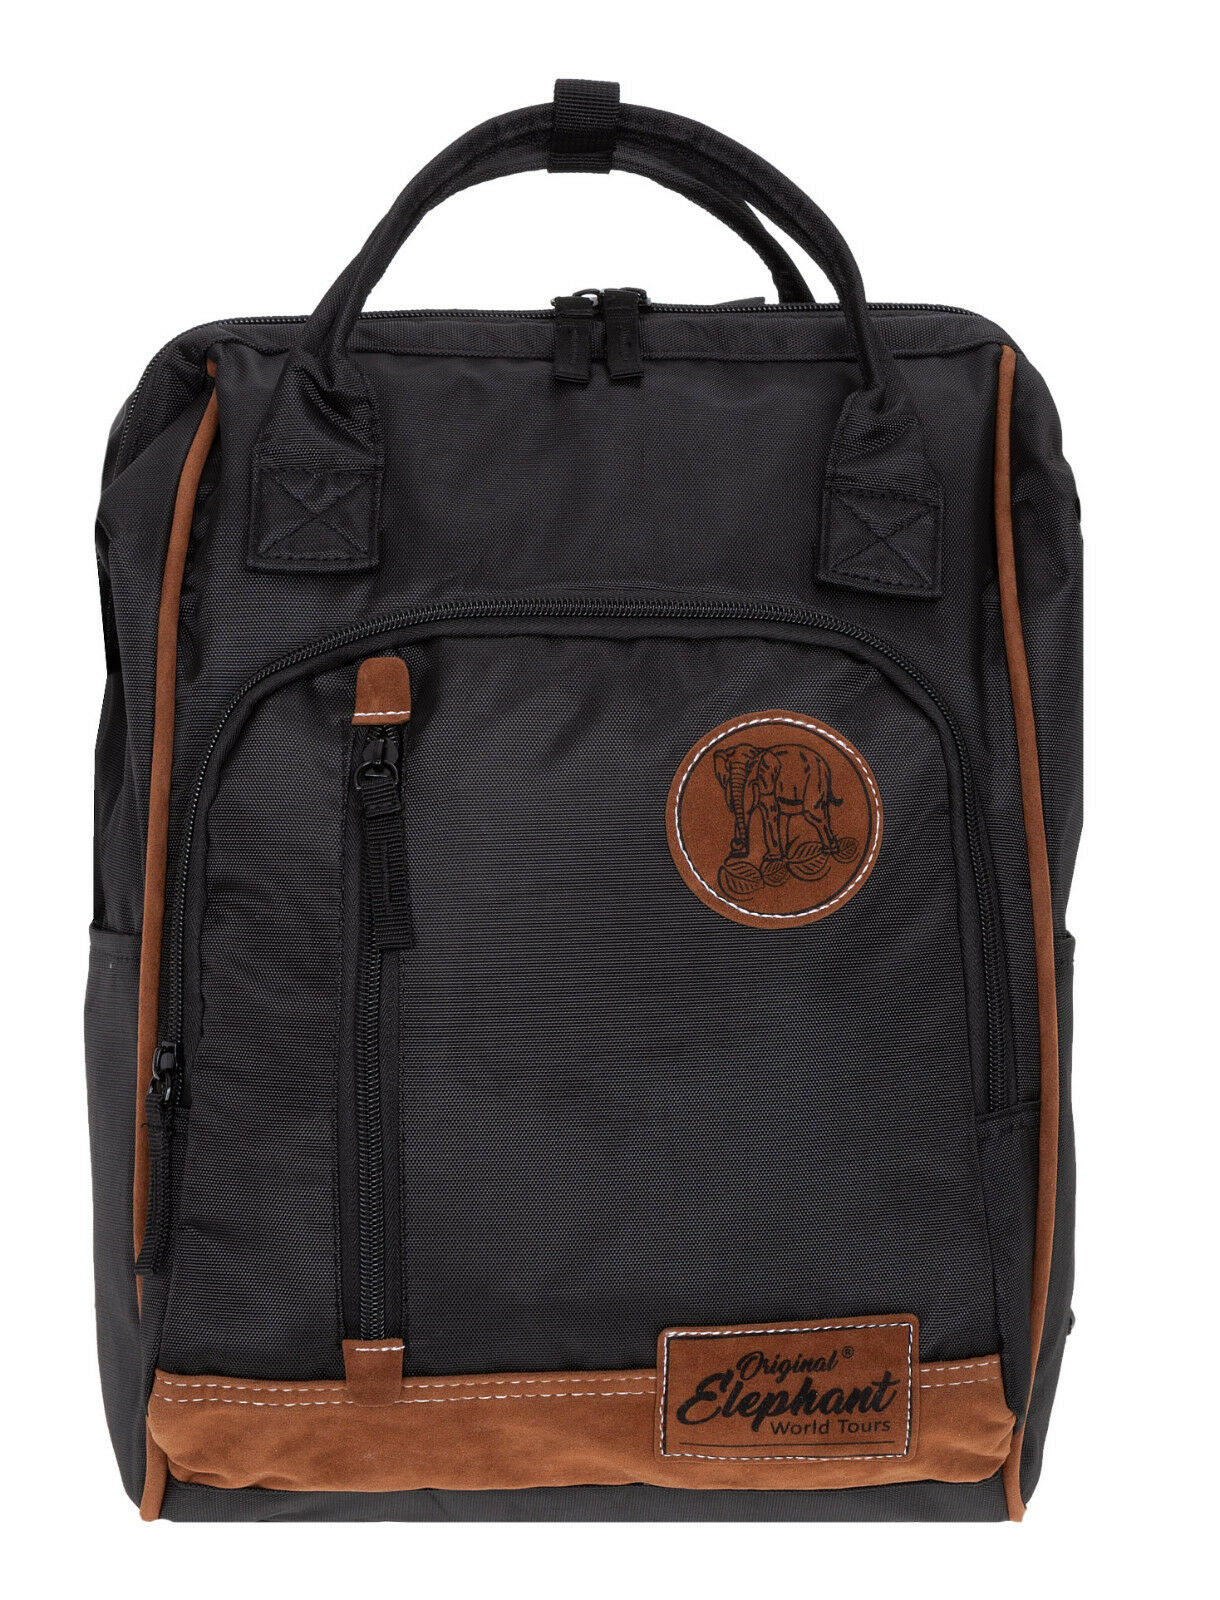 16a3a82b61d71 Rucksack Damen Elephant Finn Tasche A4 Freizeitrucksack Bürorucksack Bag  Schwarz ...